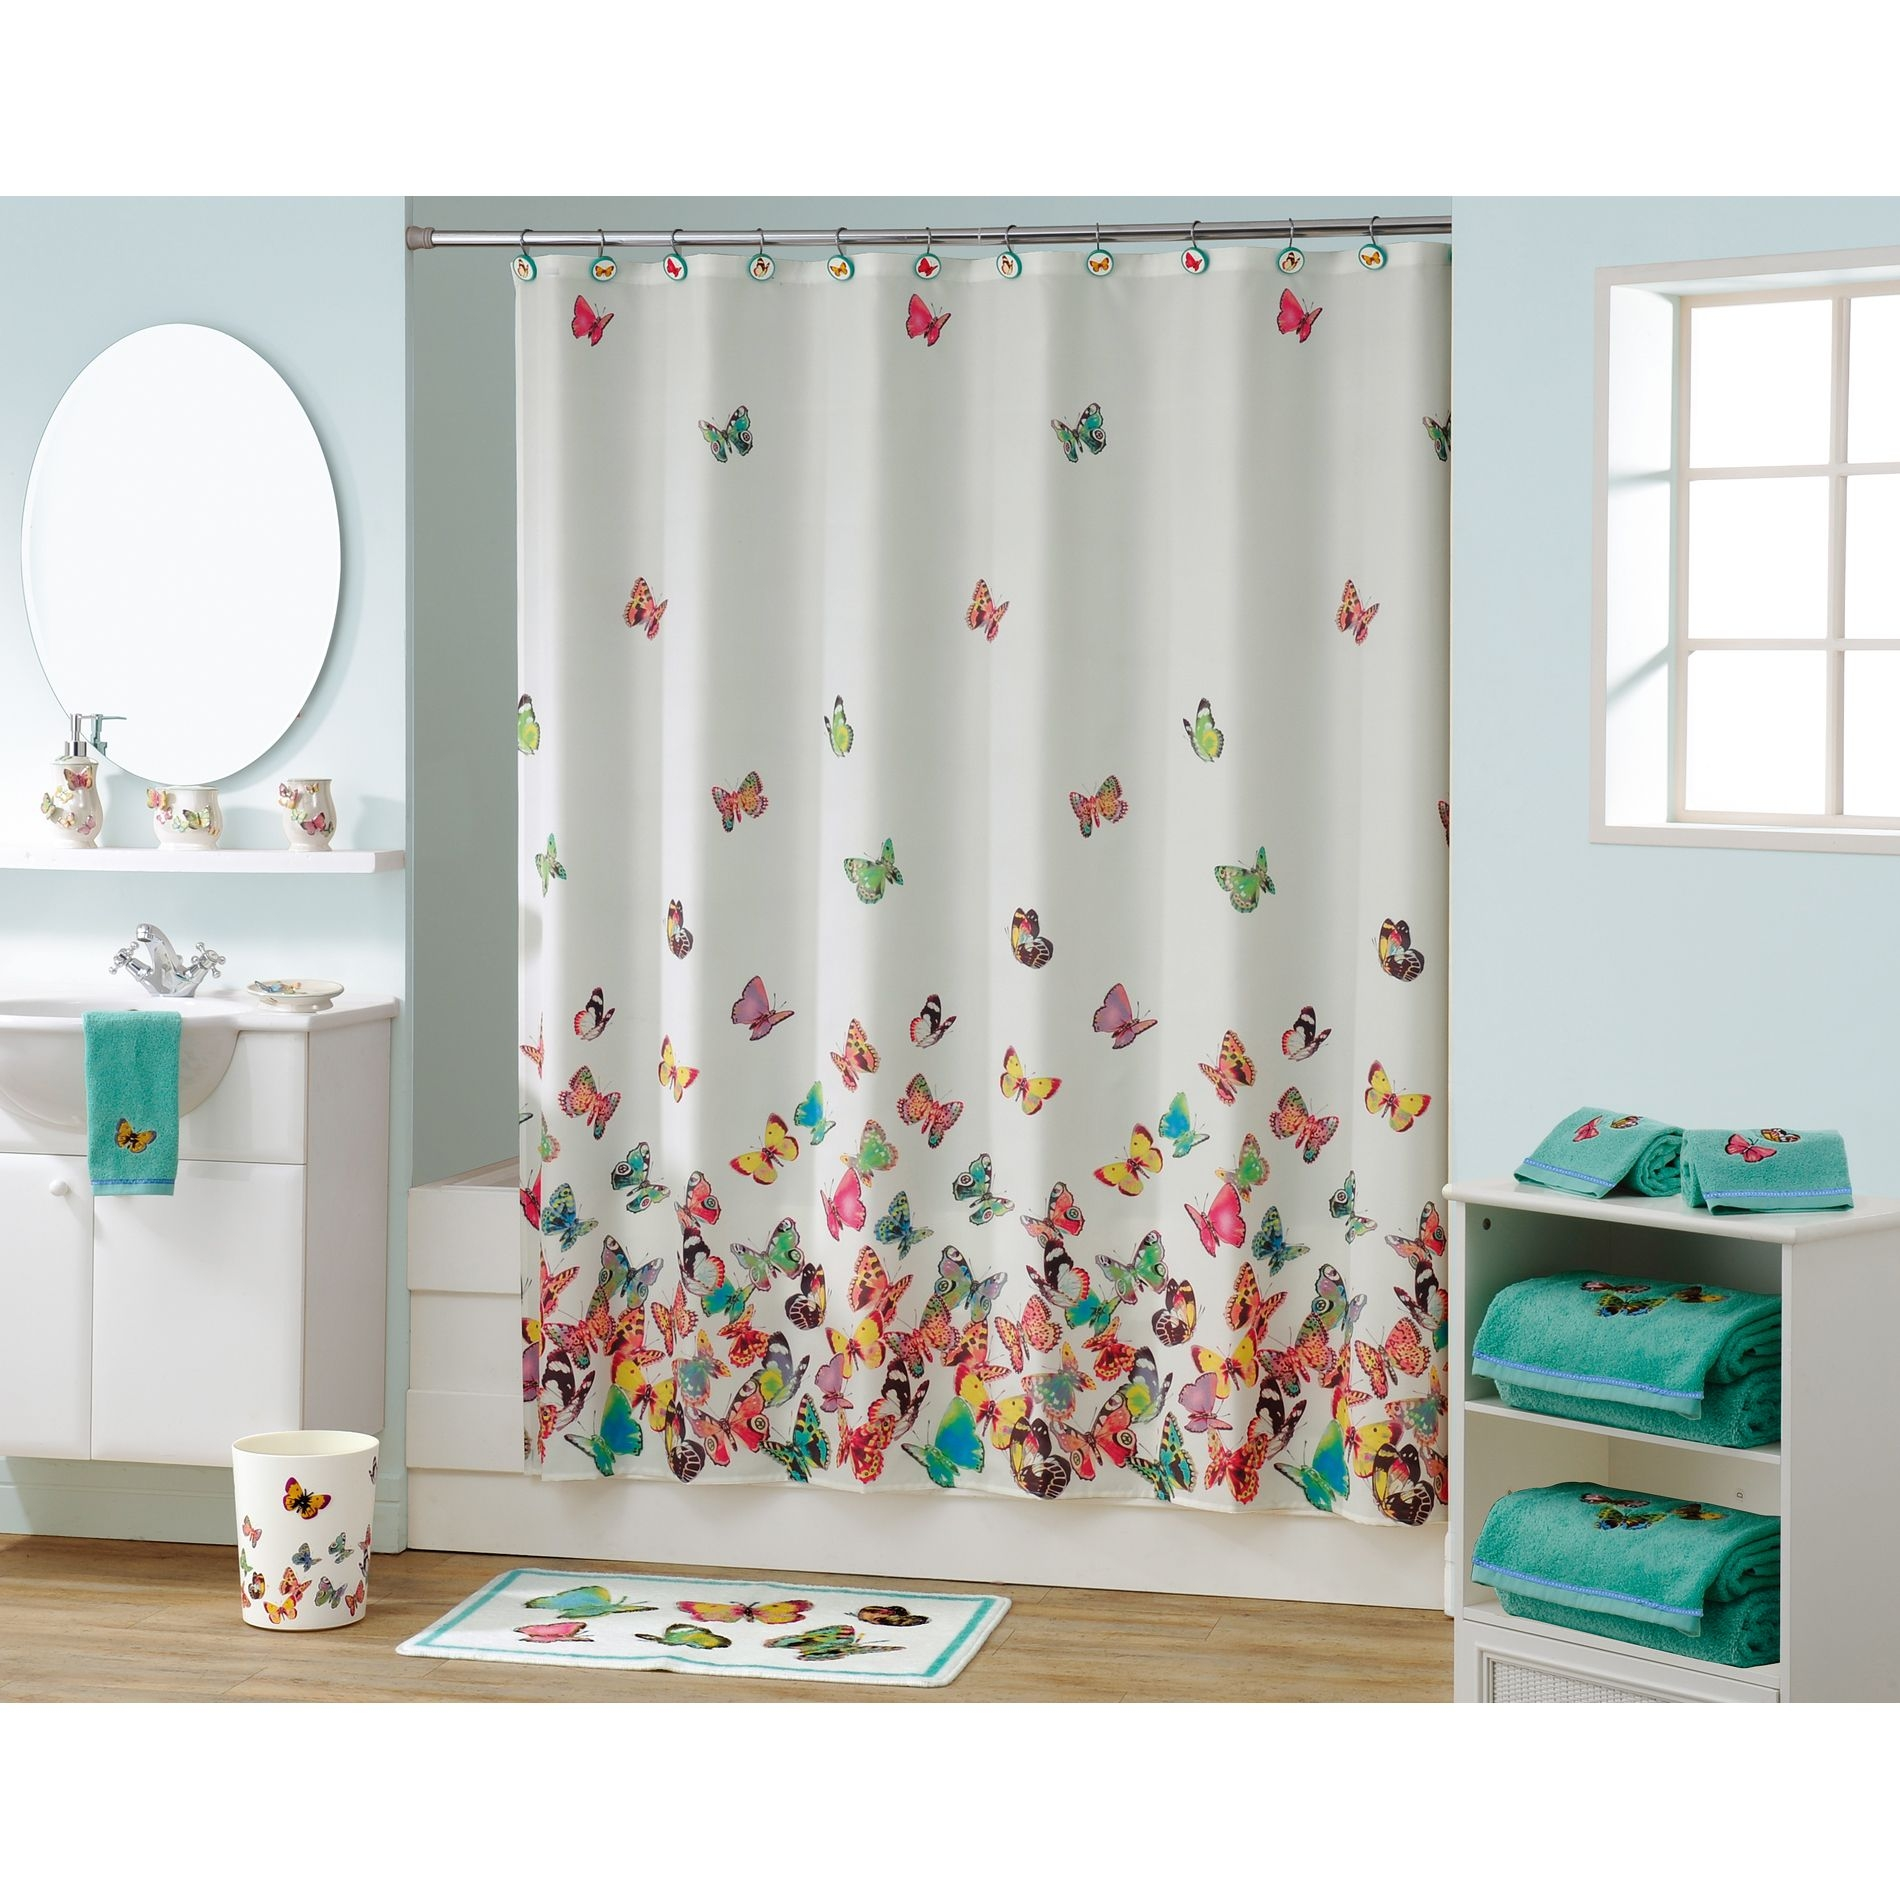 kmart kitchen curtains